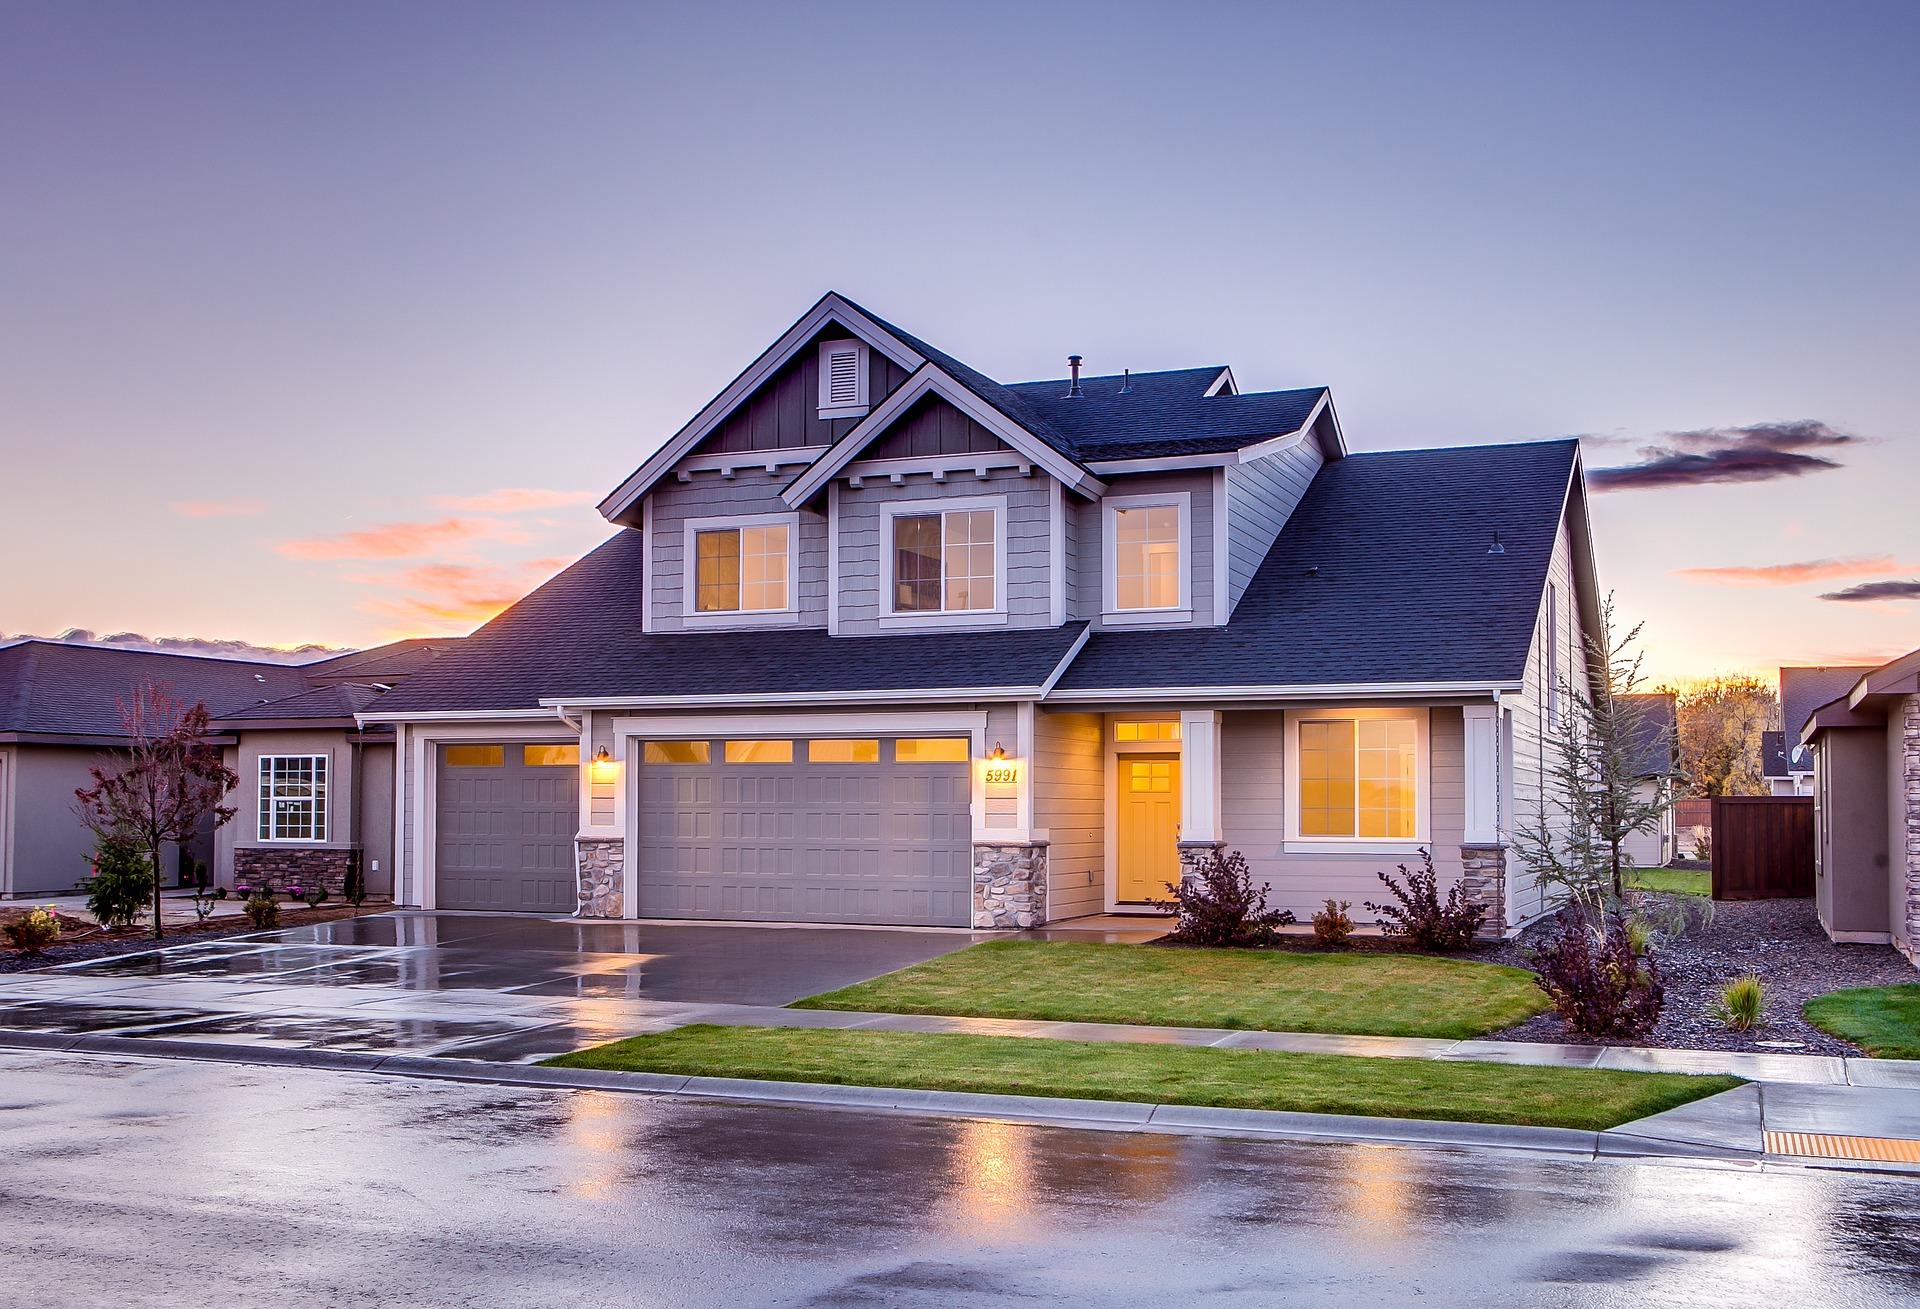 Ein Hübscher Einfahrtsbereich Wertet Jedes Haus Auf